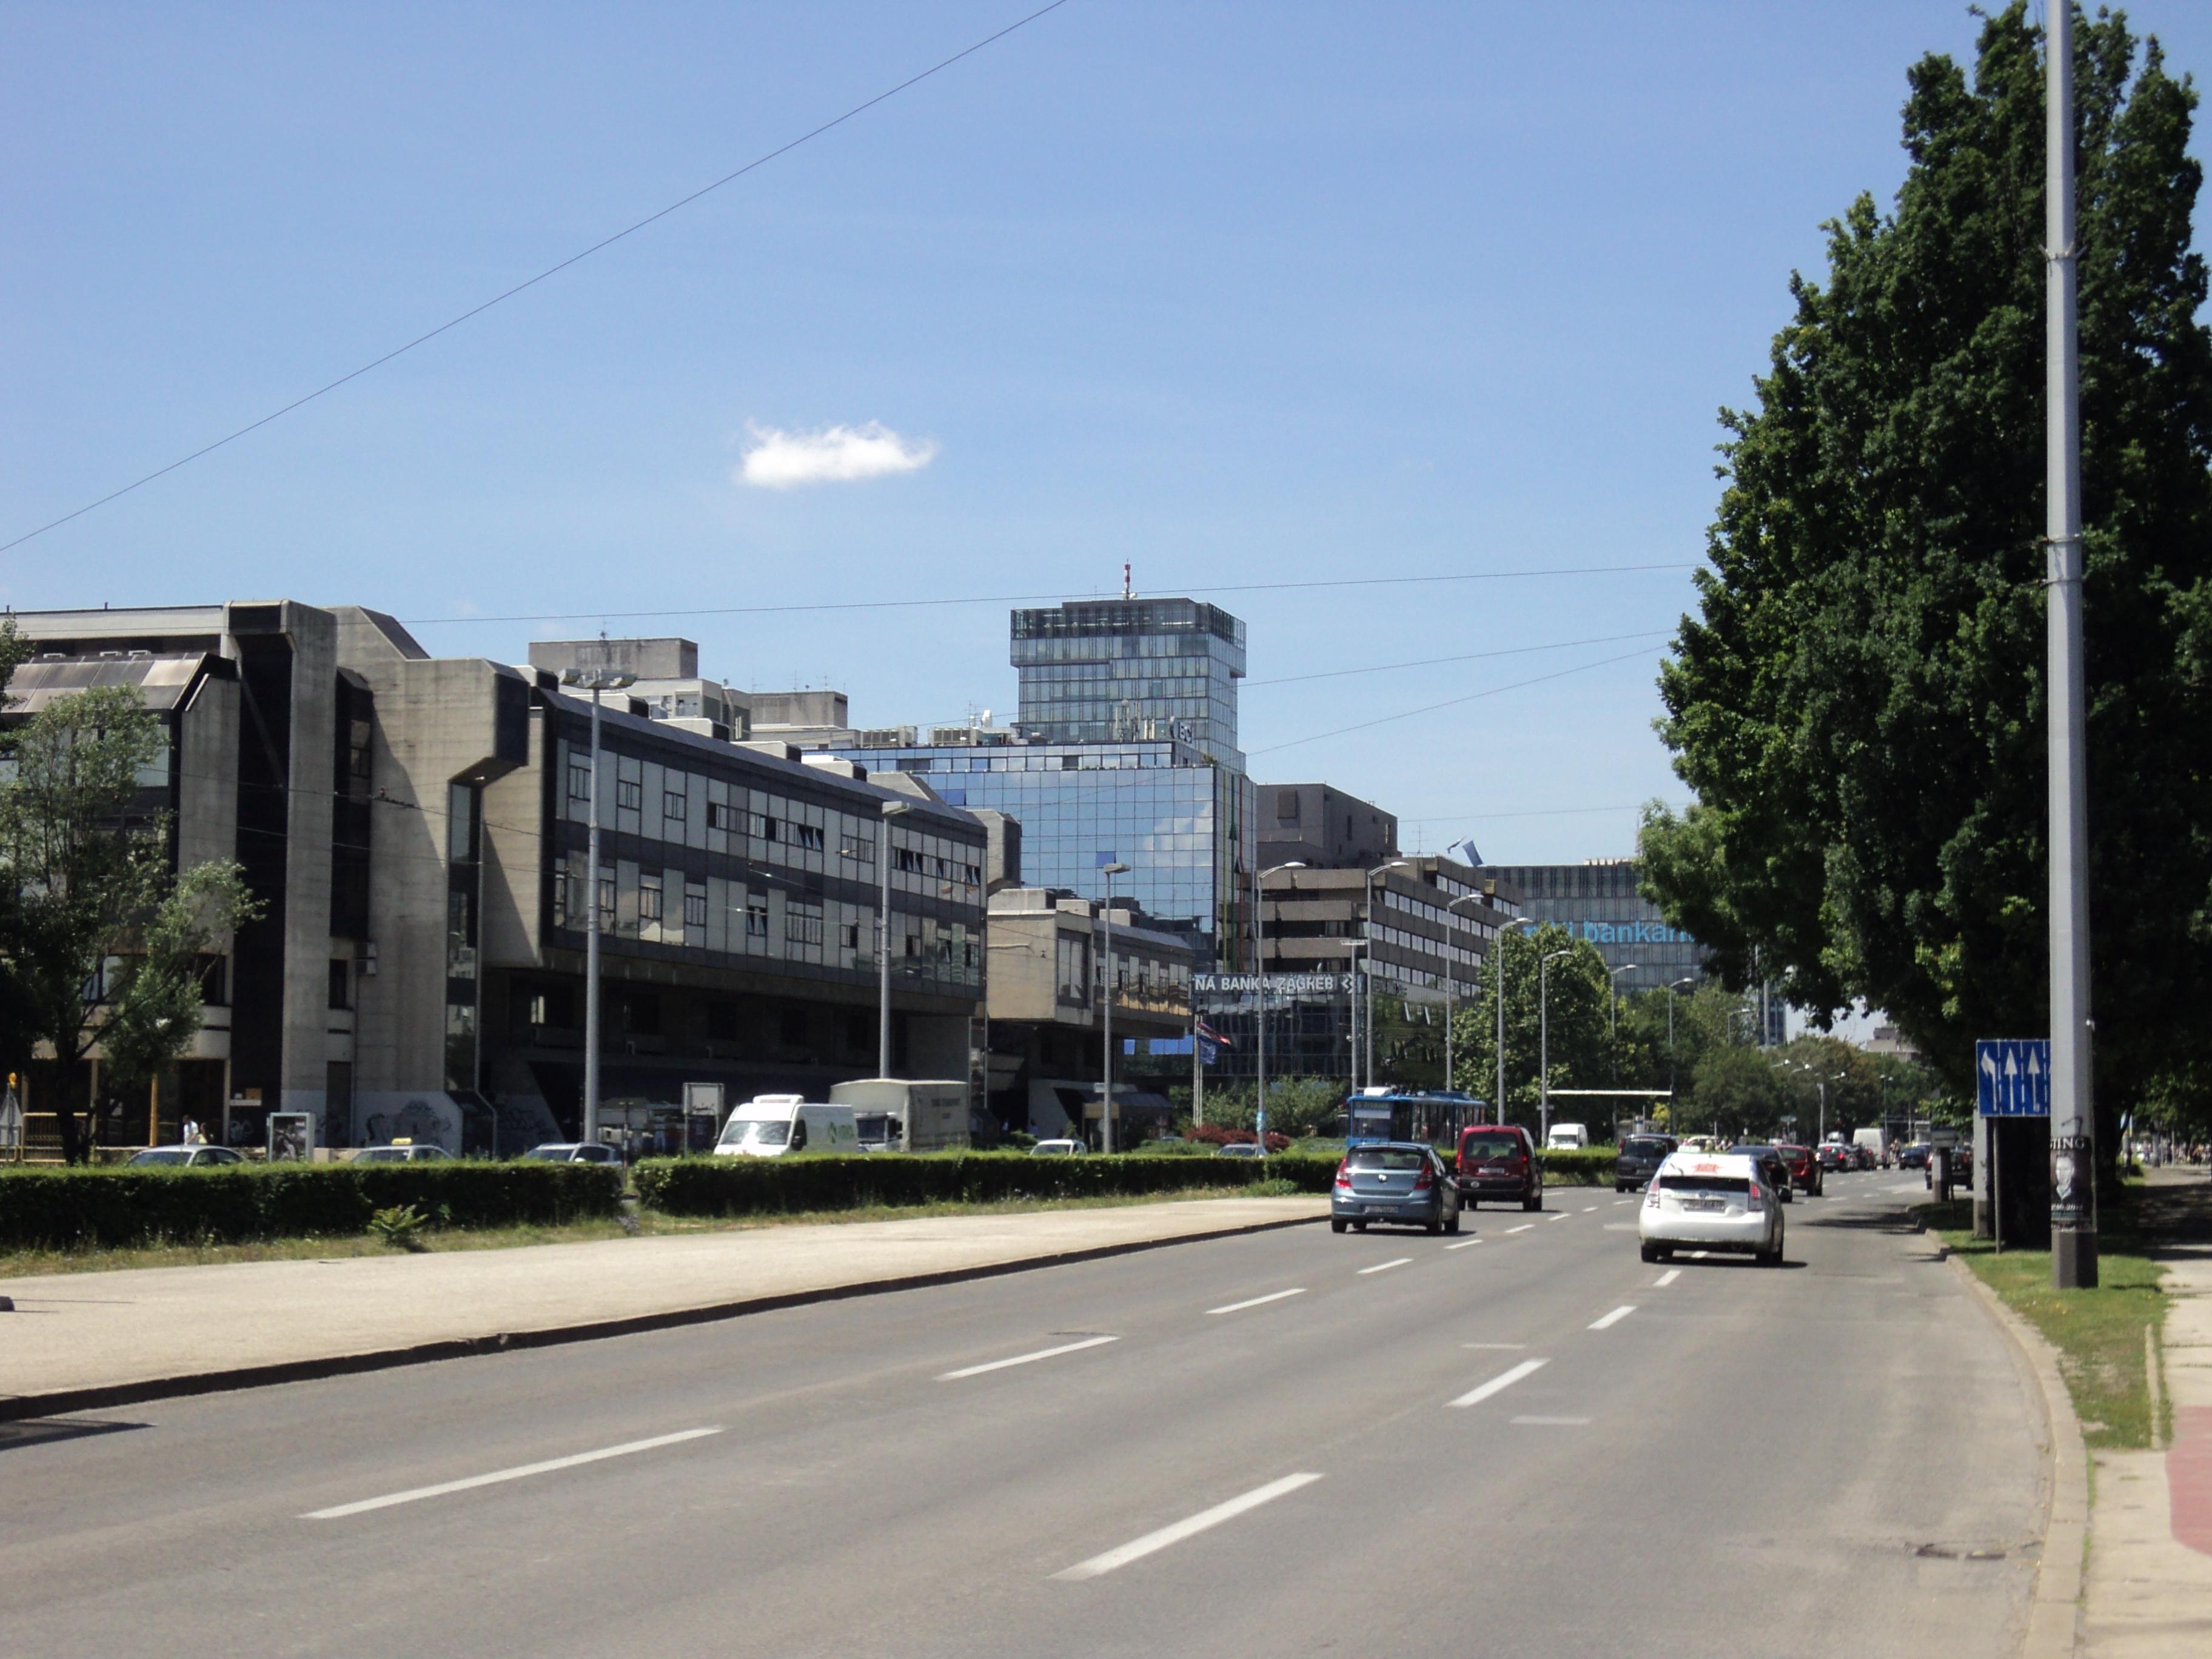 Ulica Grada Vukovara Zagreb Wikipedija